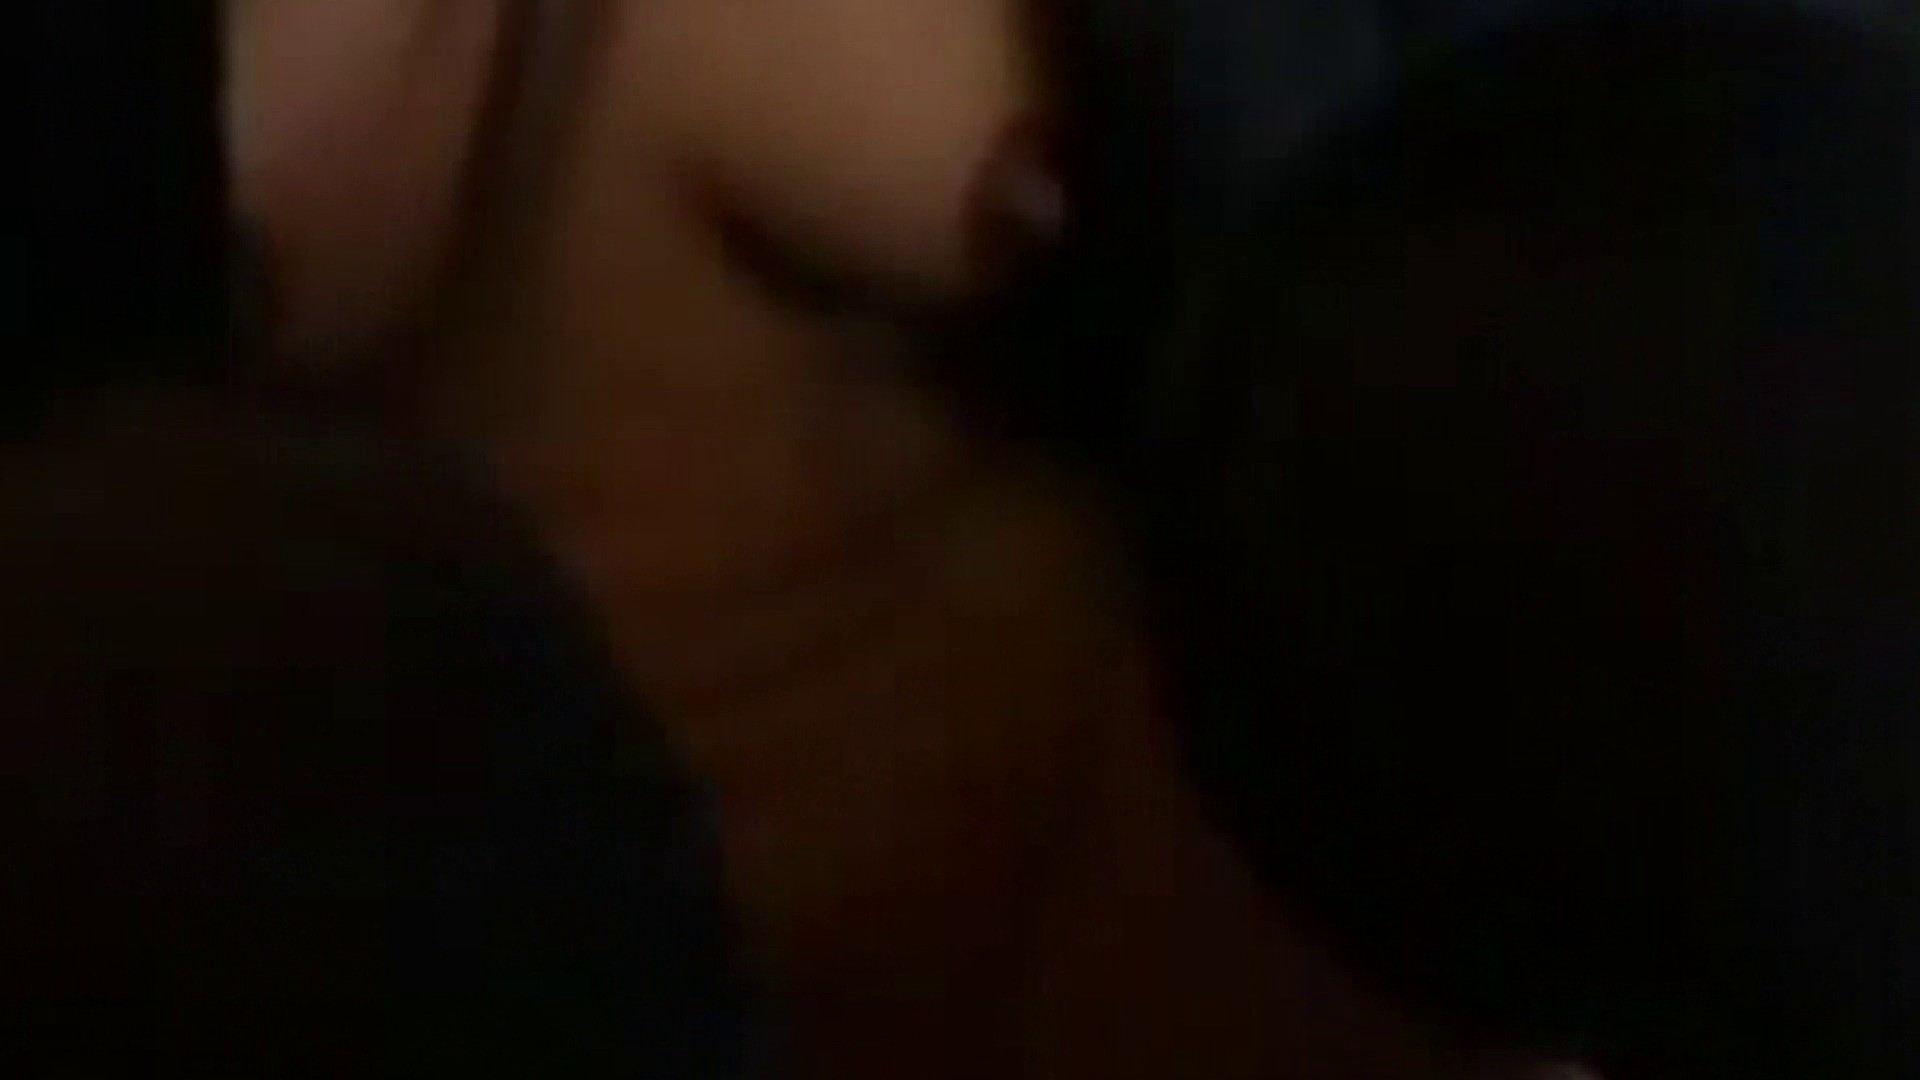 変態オナニー劇場 Vol.17 オナニーDEエッチ 盗み撮り動画キャプチャ 64PIX 5